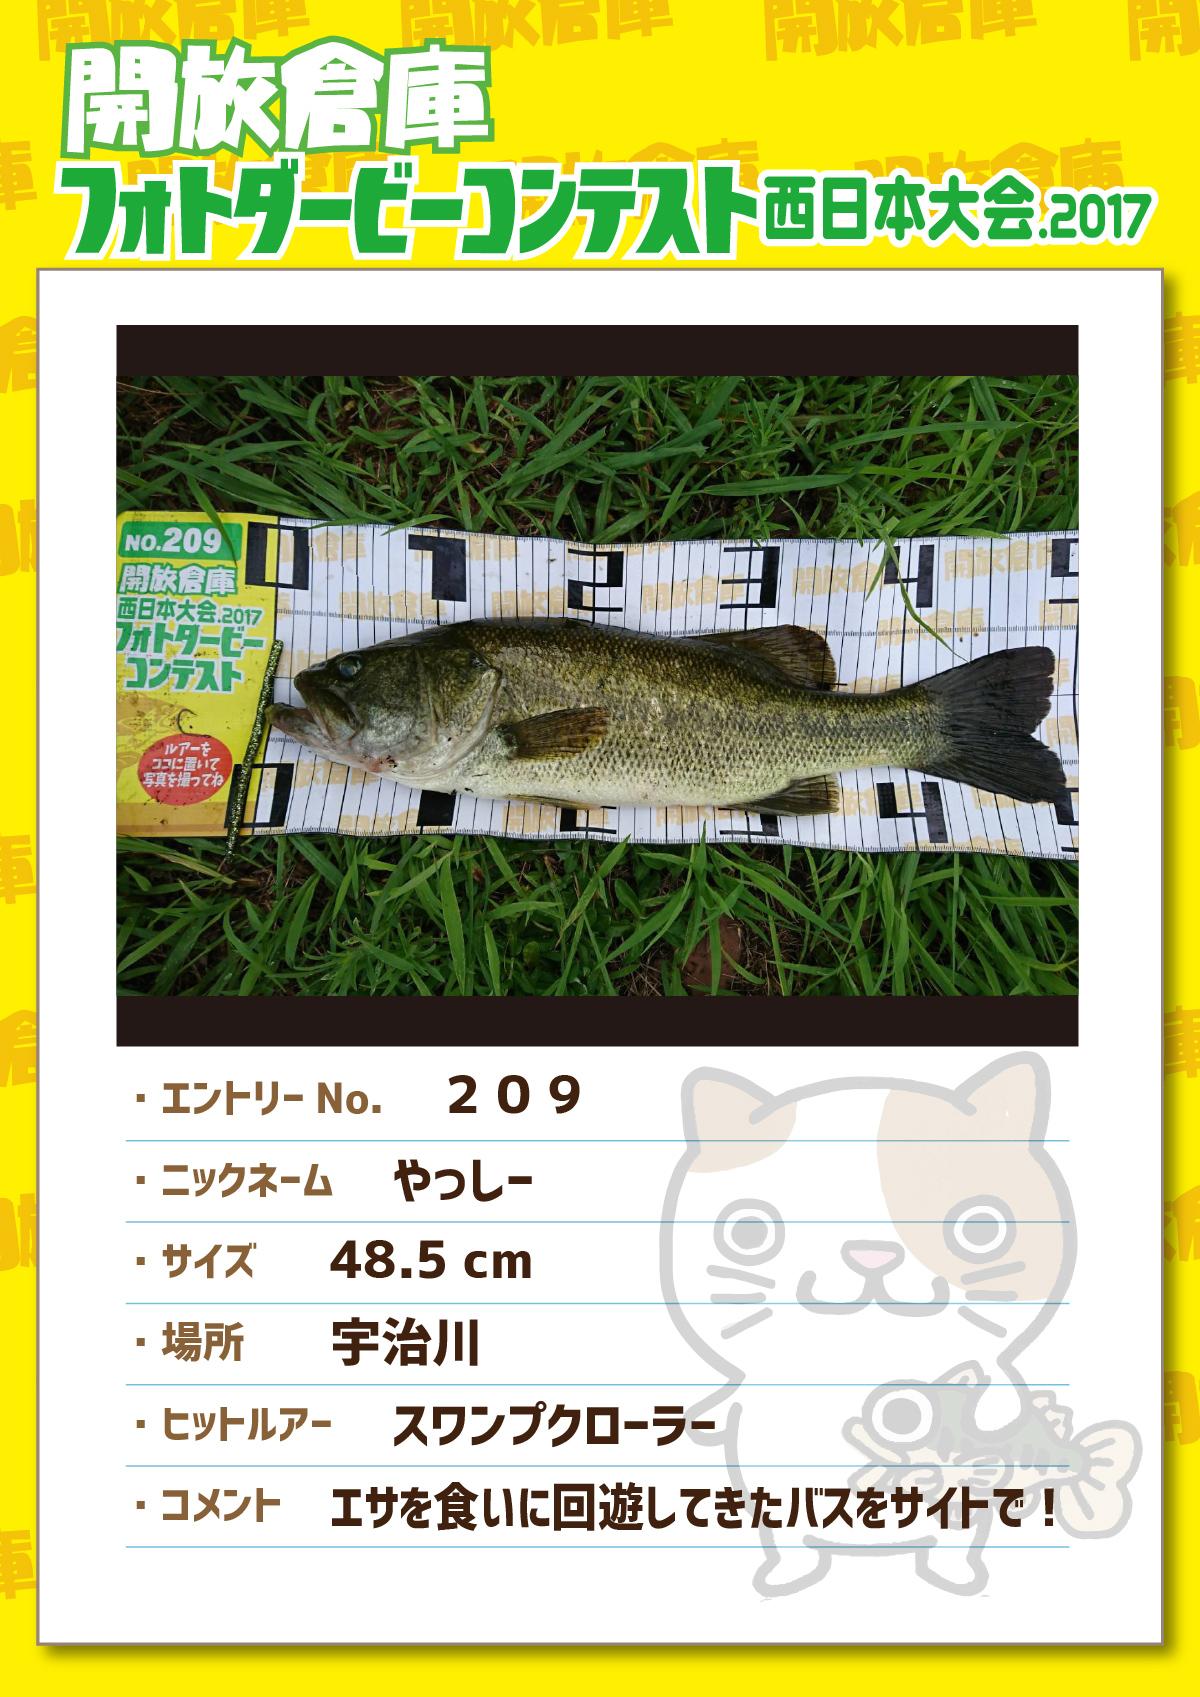 No.209 やっしー 48.5cm 宇治川 スワンプクローラー エサを食いに回遊してきたバスをサイトで!